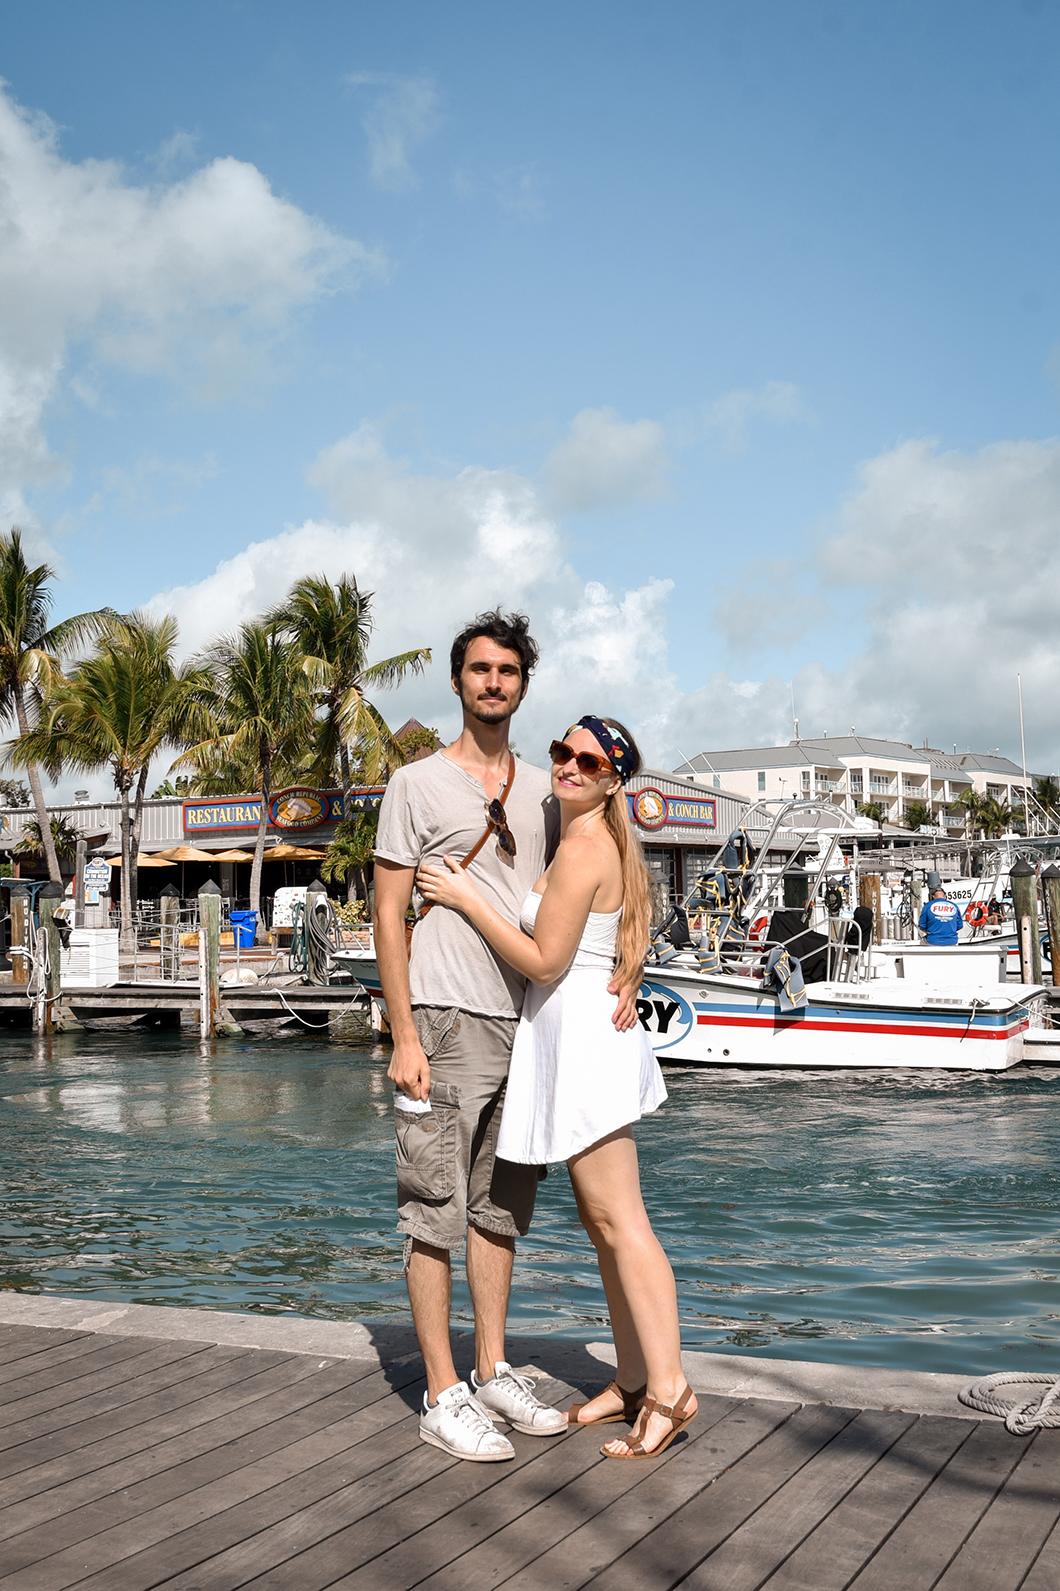 2 jours dans les Keys - Découvrir Key West